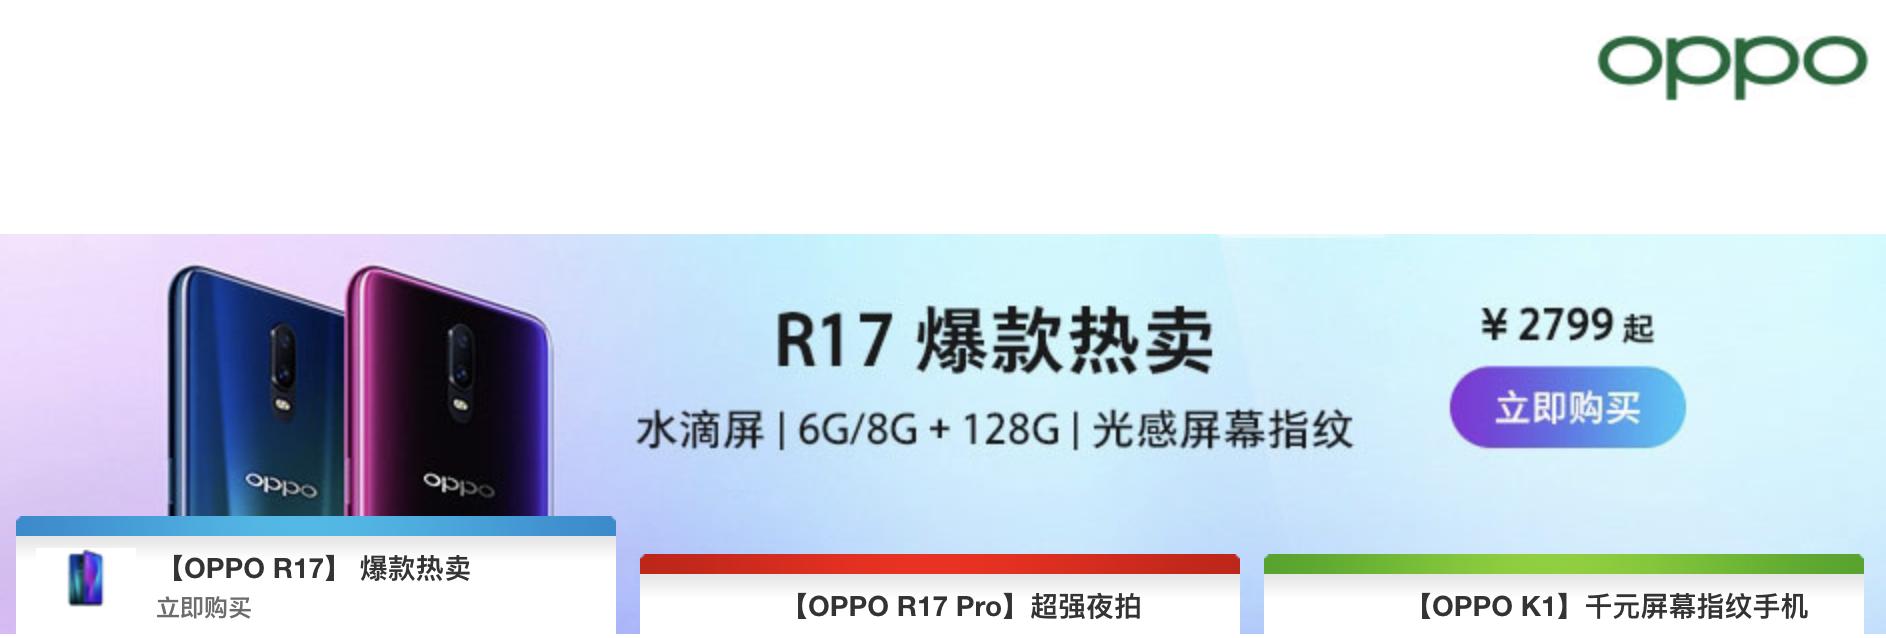 OPPO换新标志logo了!!全新形象,更加简洁!-深圳VI设计02